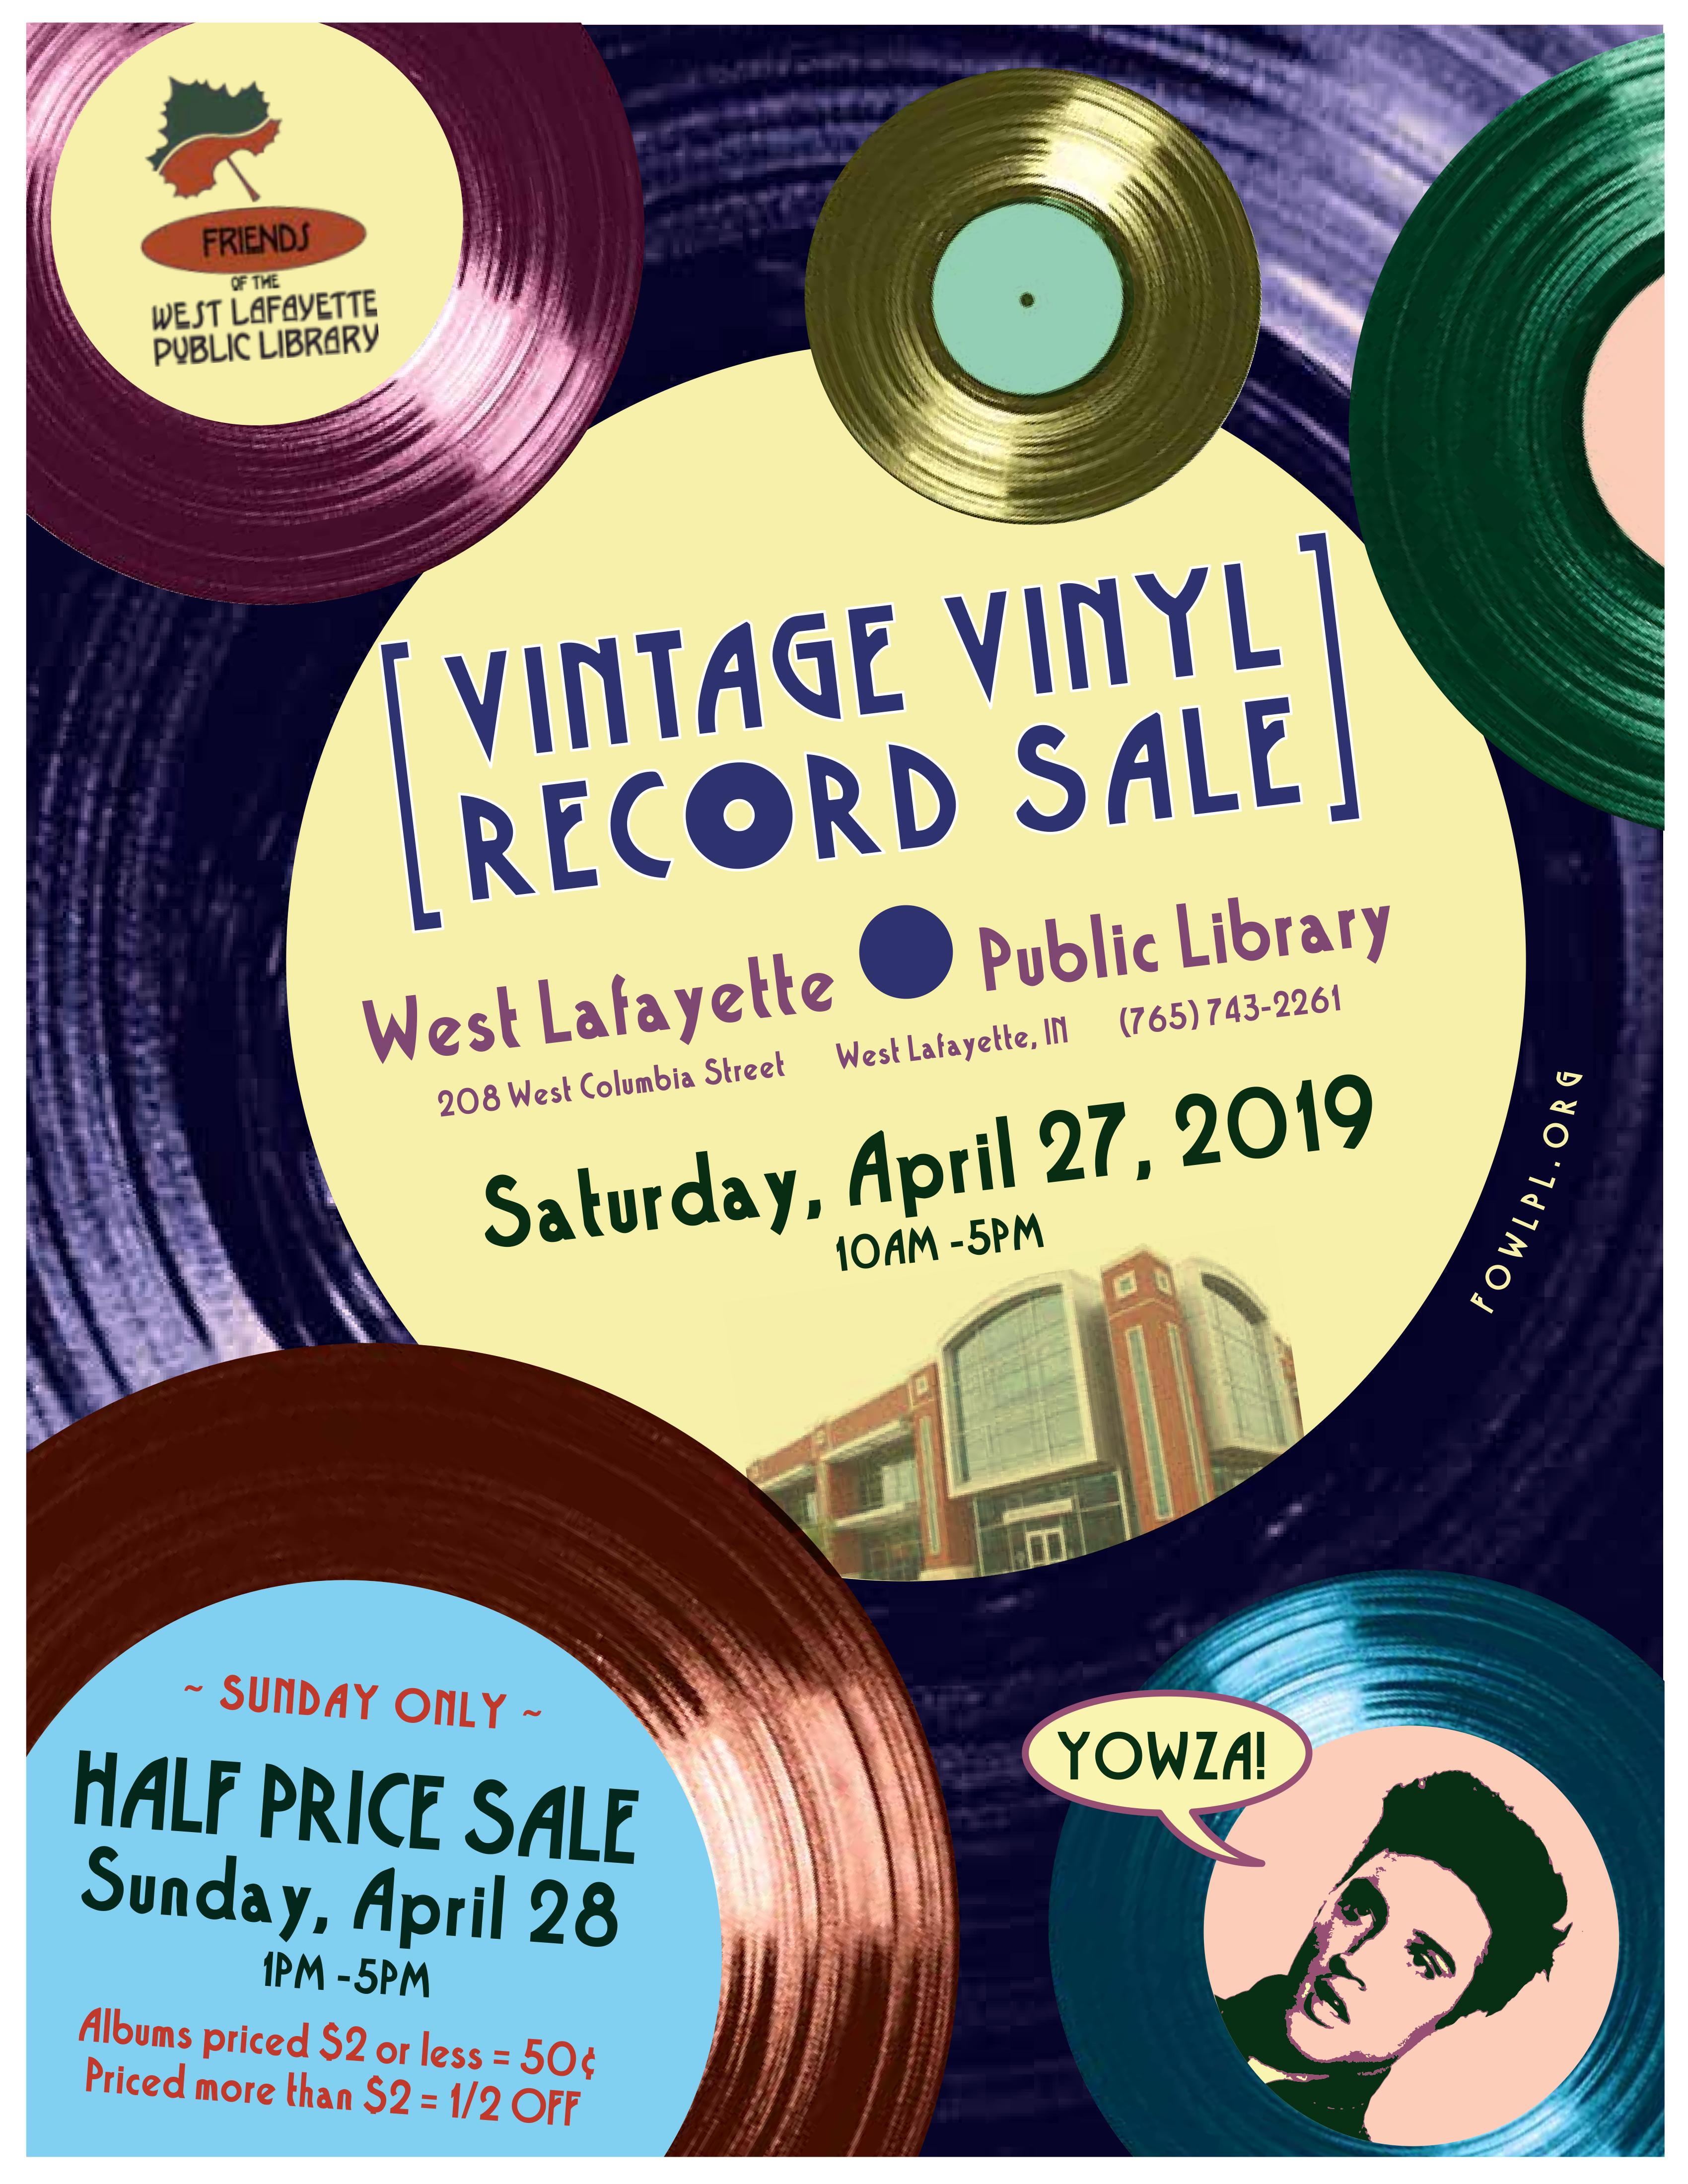 Vintage Vinyl Sale – Friends of the West Lafayette Public Library